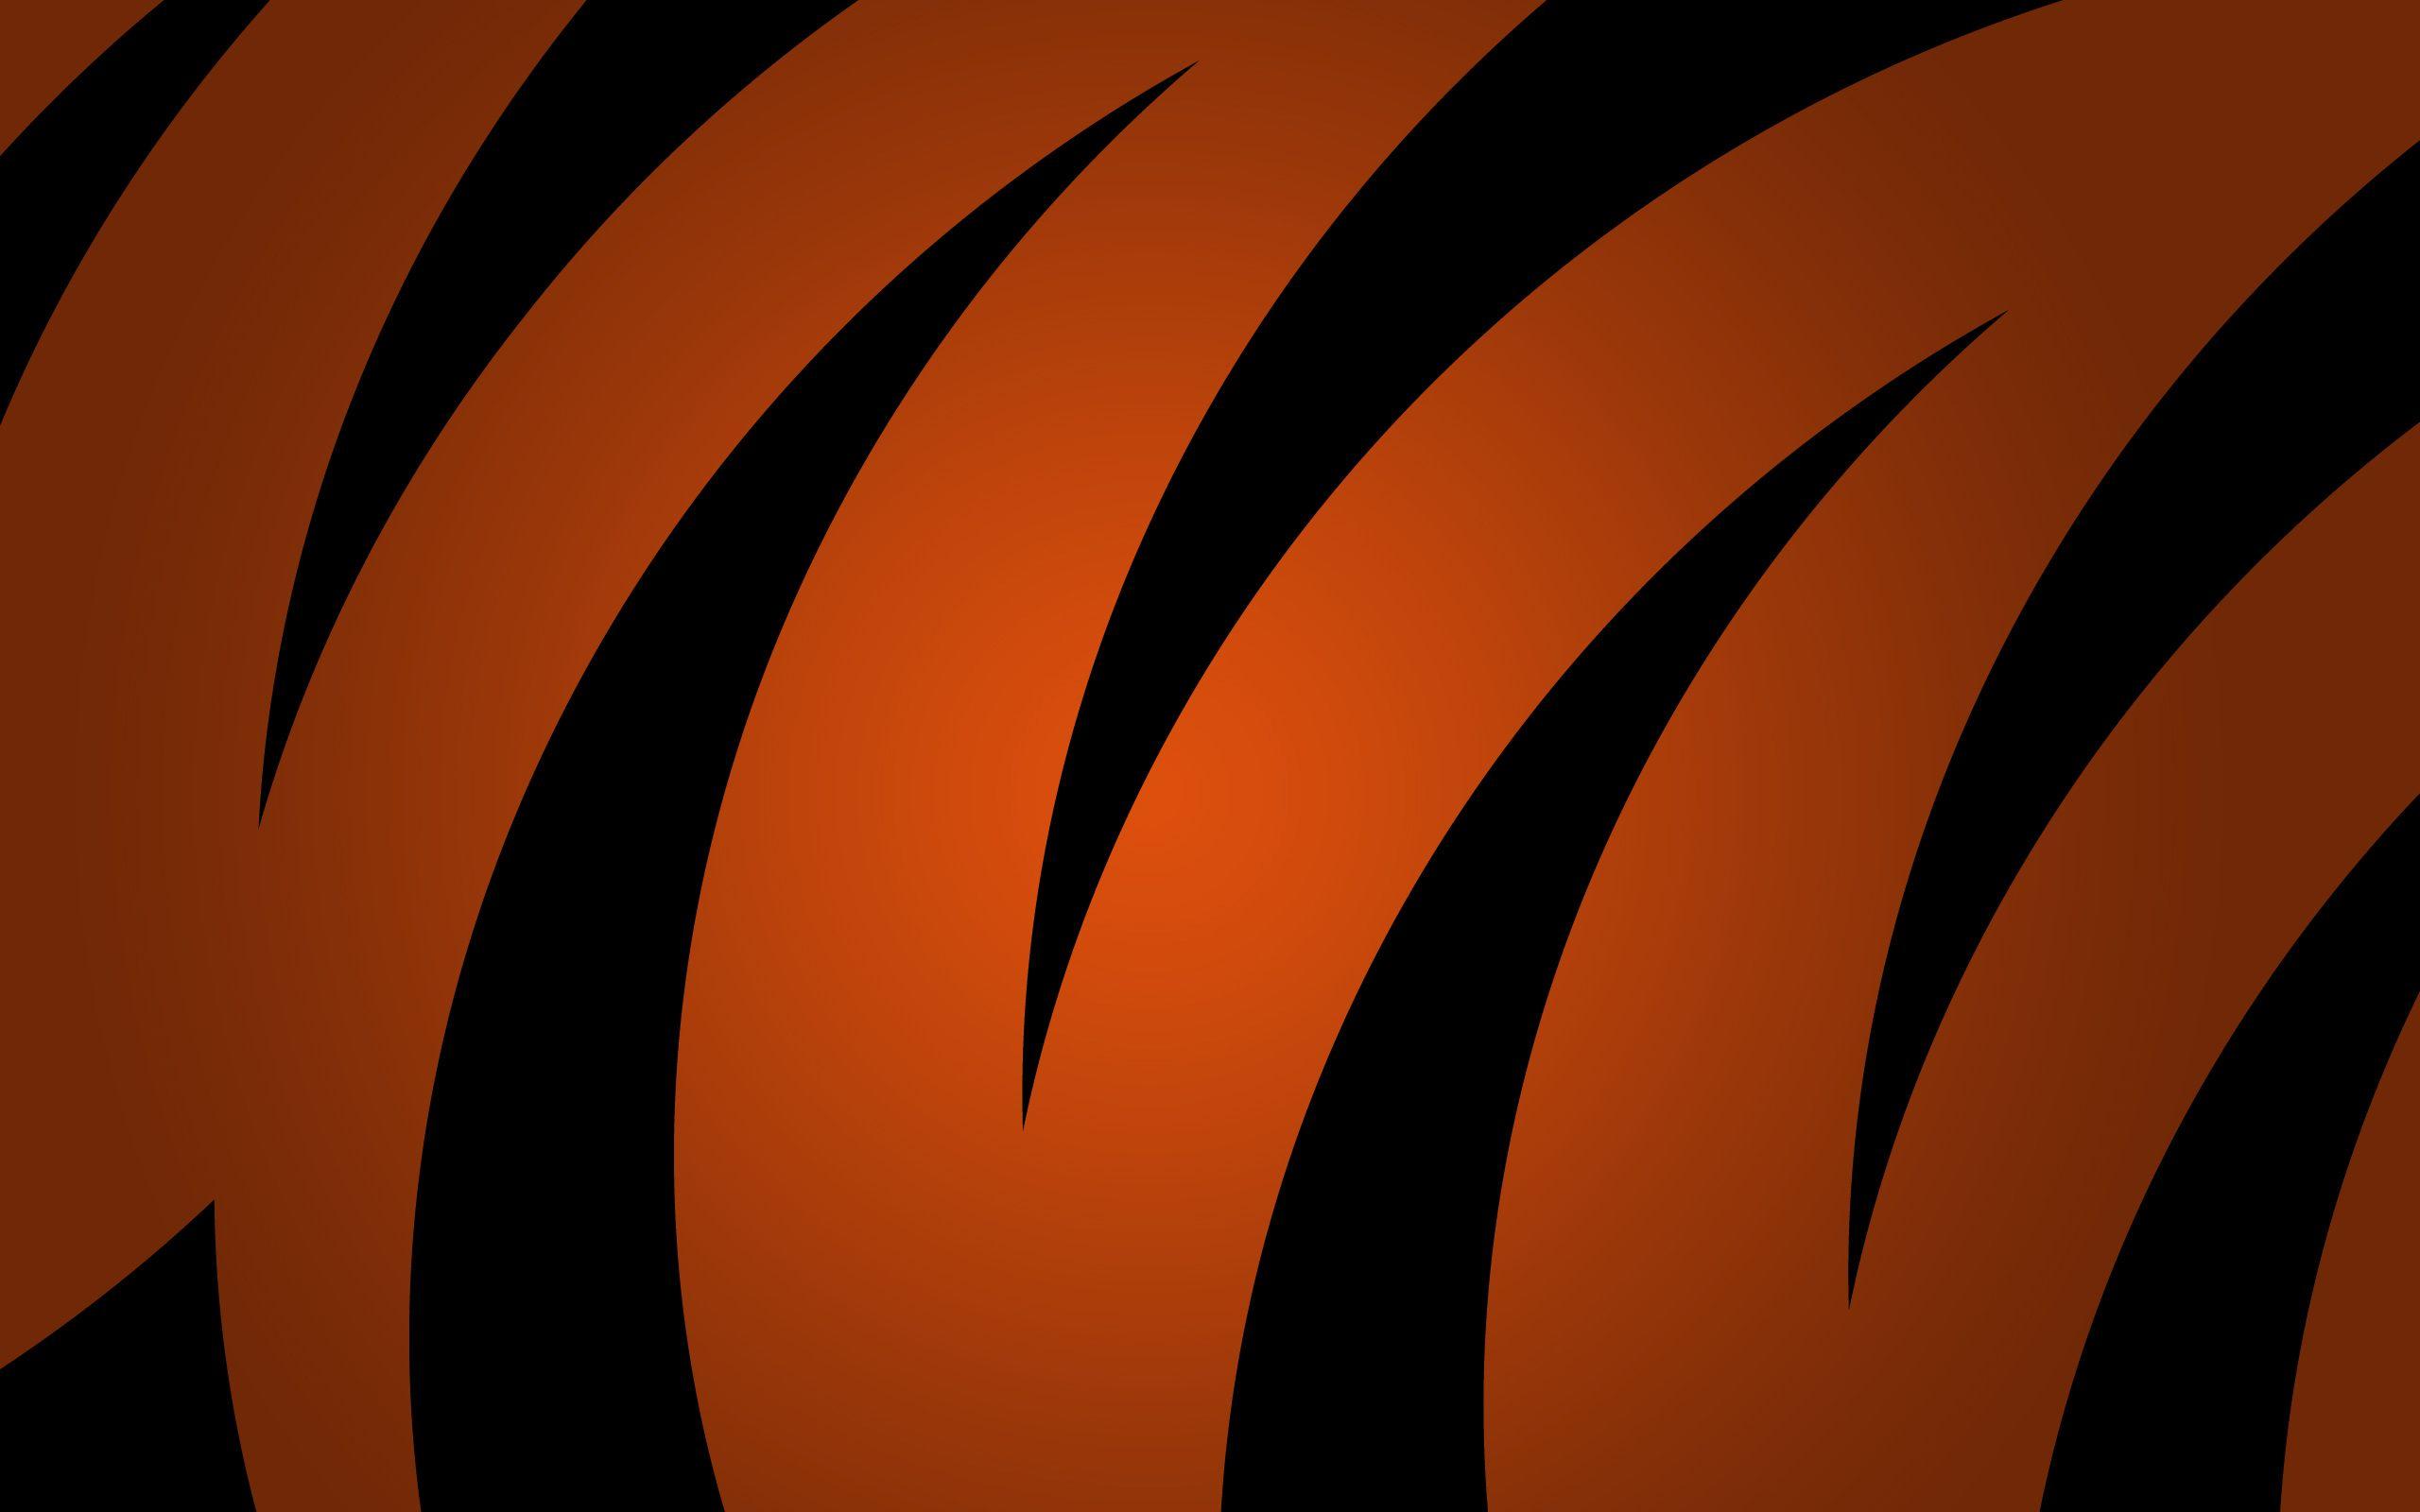 black and orange wallpaper 02 2560x1600. Black Bedroom Furniture Sets. Home Design Ideas